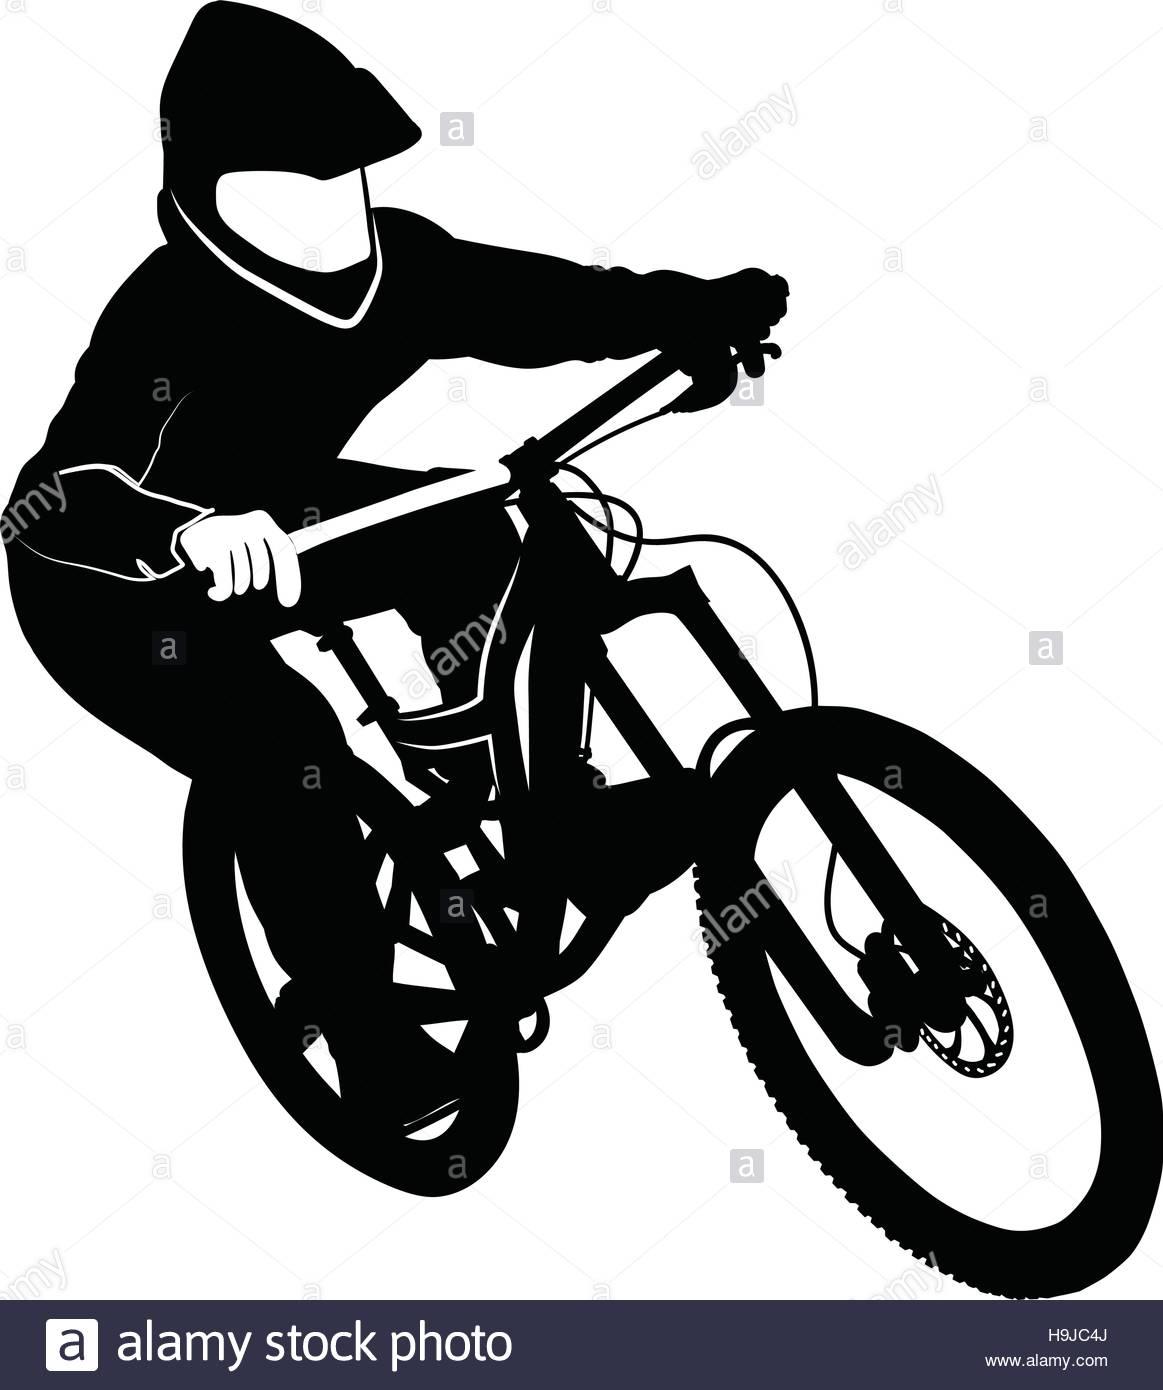 1163x1390 Racing Bike Helmet Stock Vector Images